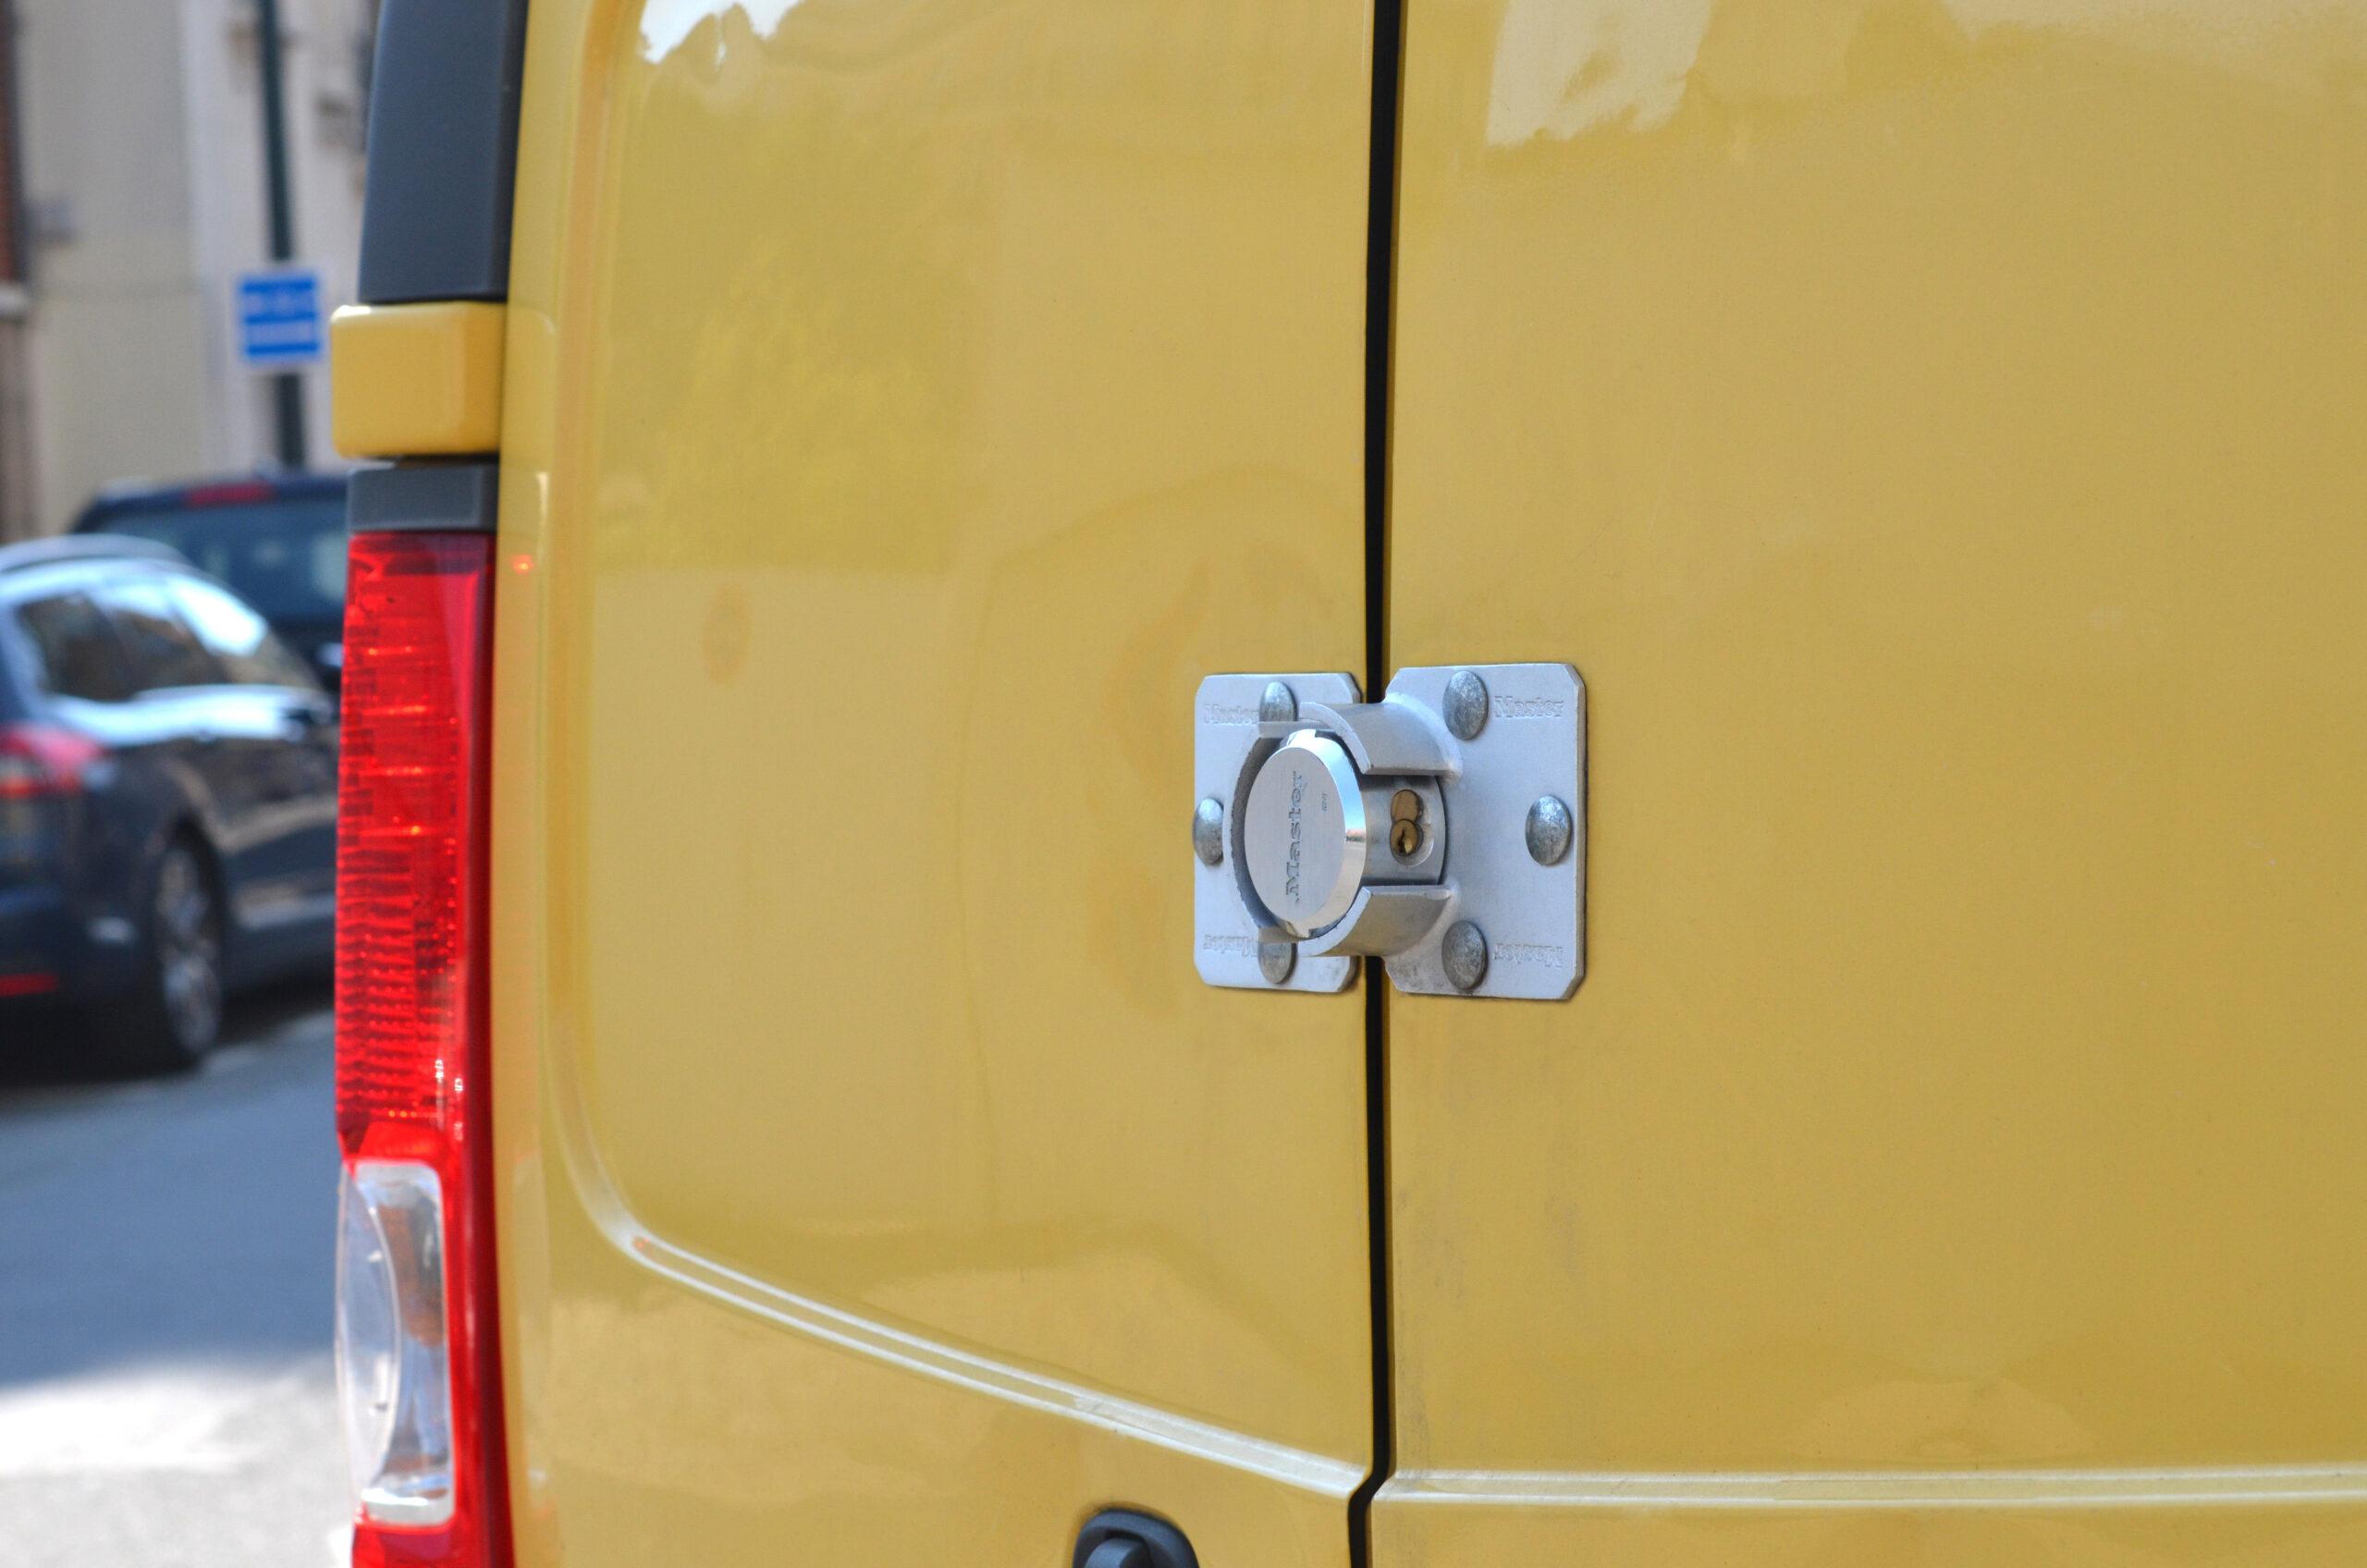 κλειδαριά φορτηγού υψίστης ασφάλειας